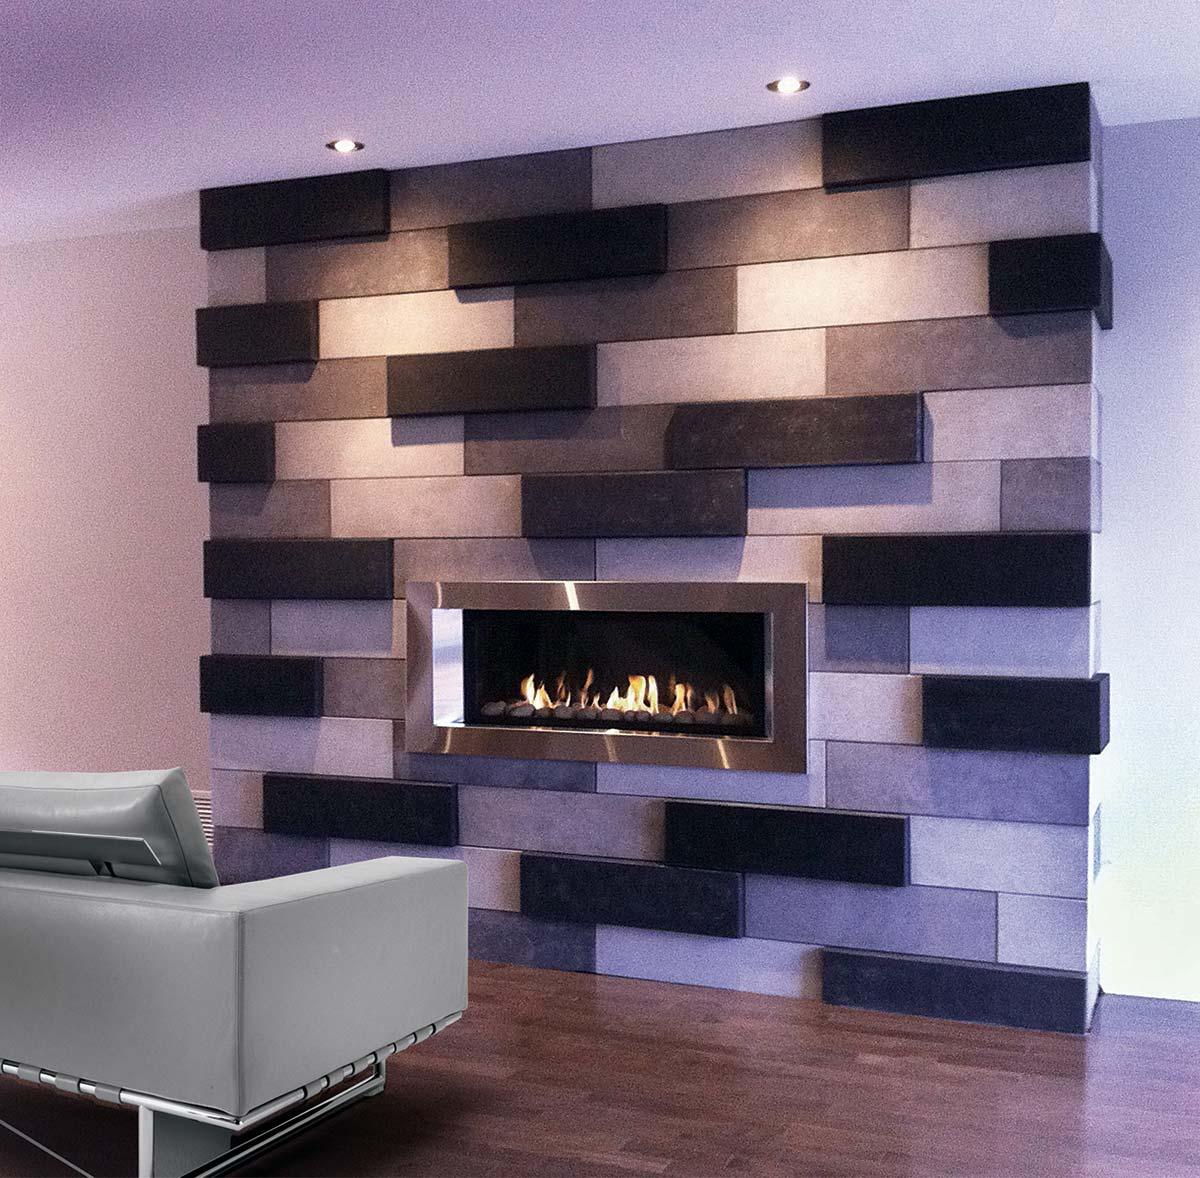 fini plus manteaux de foyer et po le mur de pierre tablettes d cors. Black Bedroom Furniture Sets. Home Design Ideas